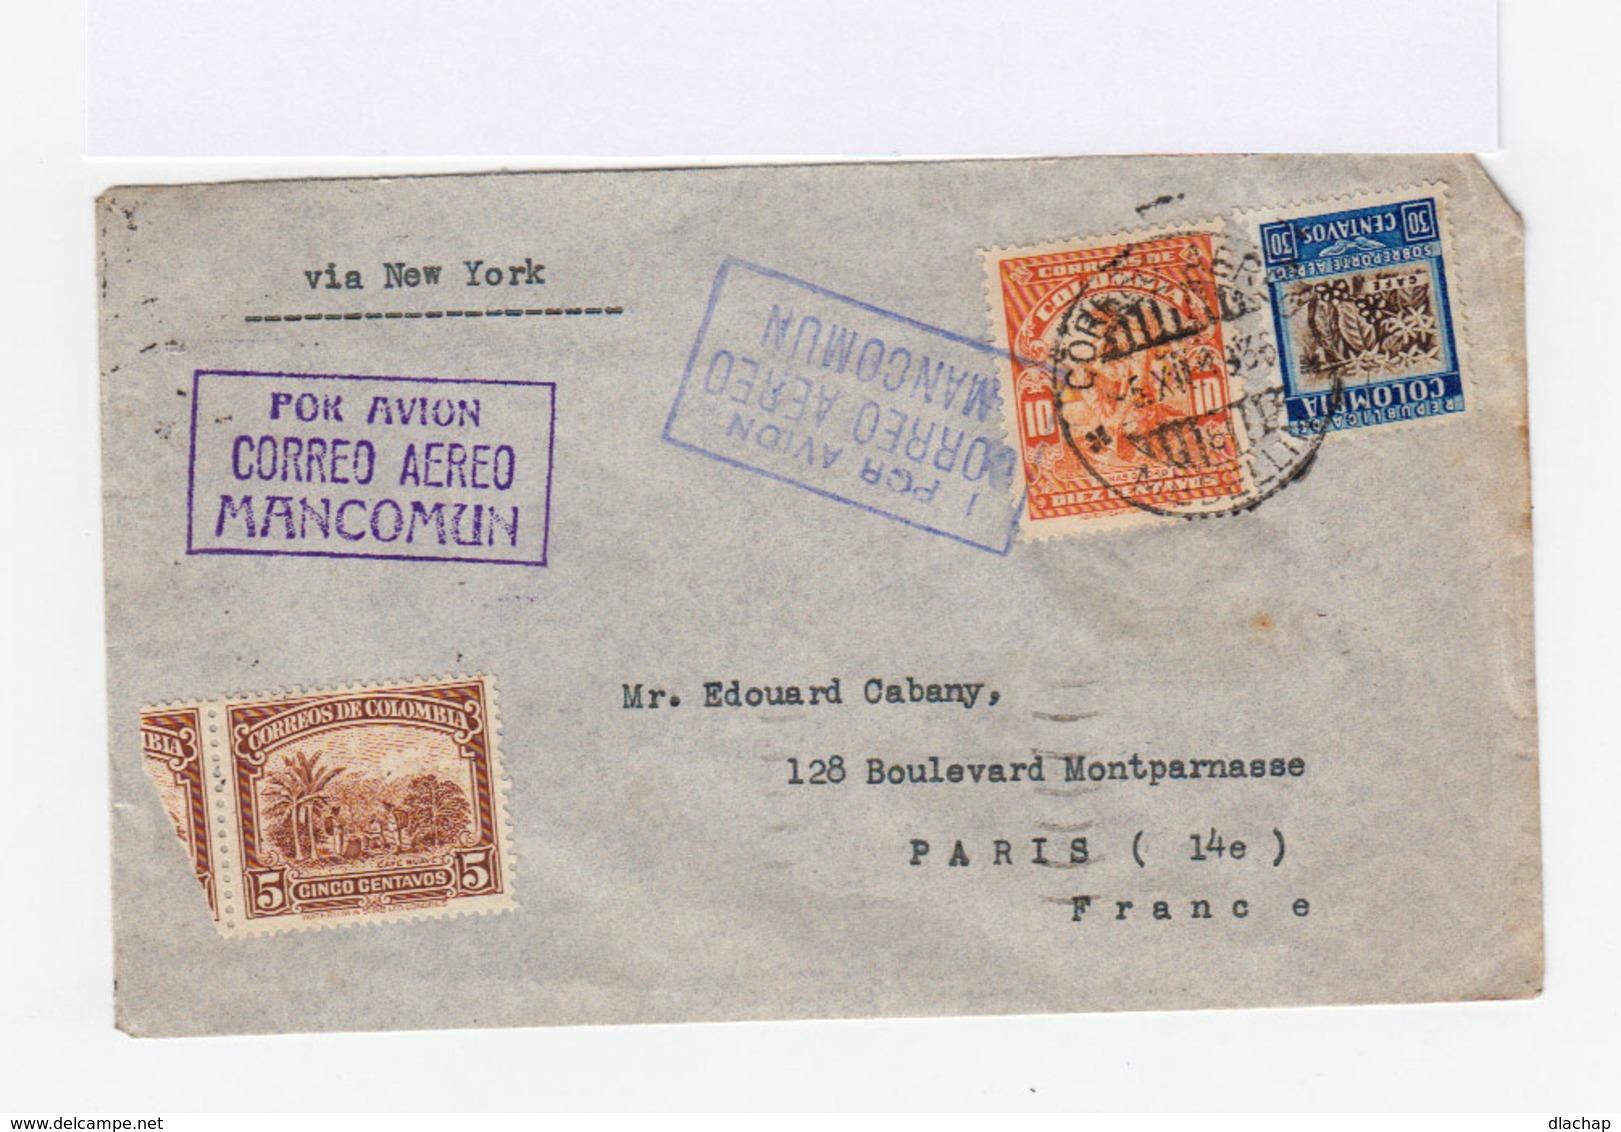 Sur Enveloppe De Colombie 3 Timbres Correos De Colombia. CAD Medellin 1936. Correo Aero Via New York Vers Paris. (820) - Colombie